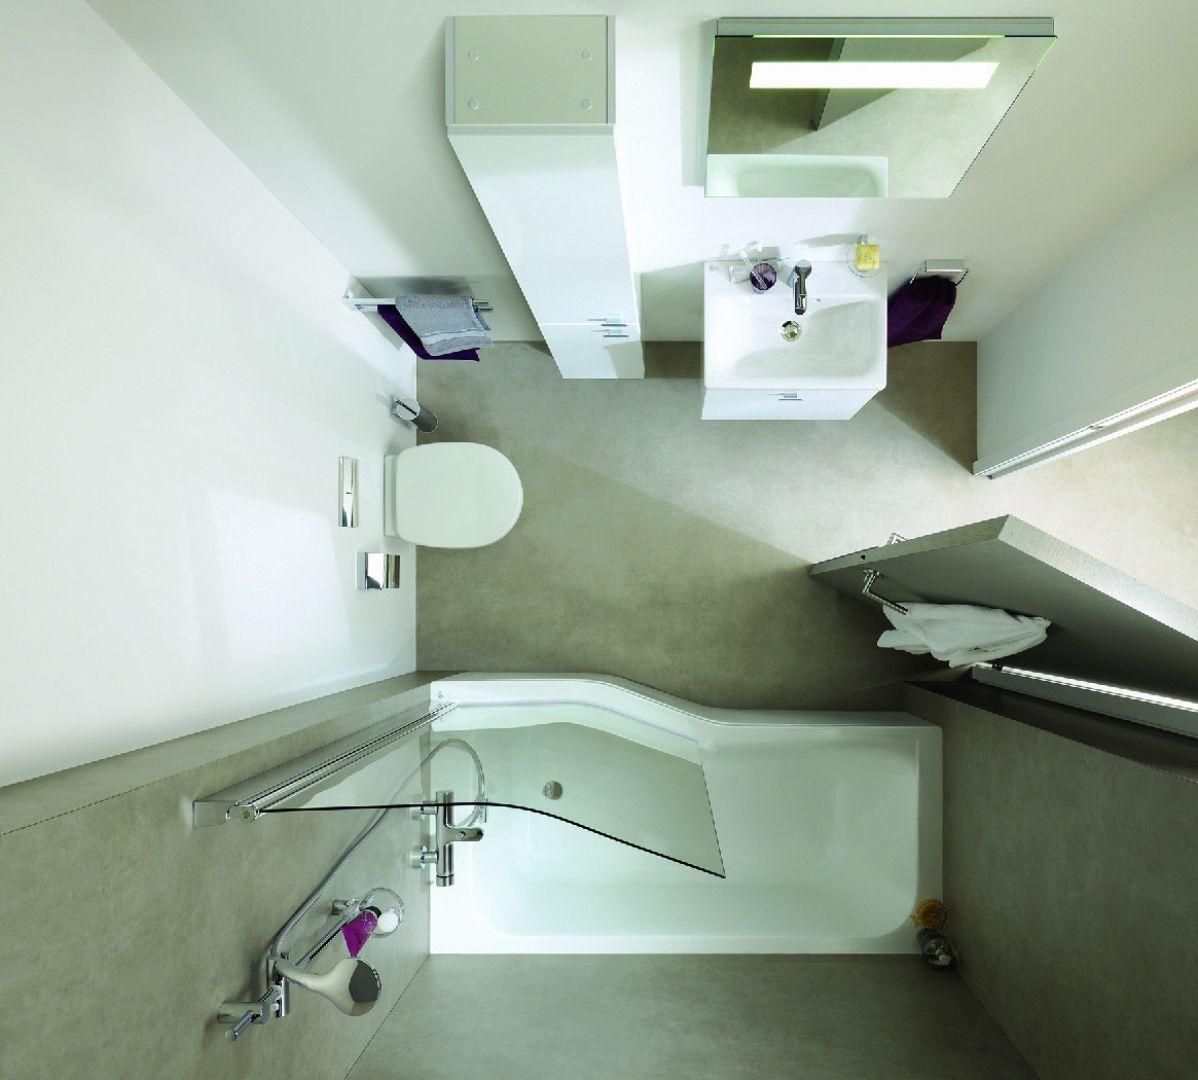 Asymetryczną wannę łatwiej ustawić w ciasnych pomieszczeniach, np. węższym końcem przy wejściu. Dzięki temu nie przeszkadza w poruszaniu się po łazience. Na zdjęciu: wyposażenie łazienkowe Connect firmy Ideal Standard. Fot. Ideal Standard